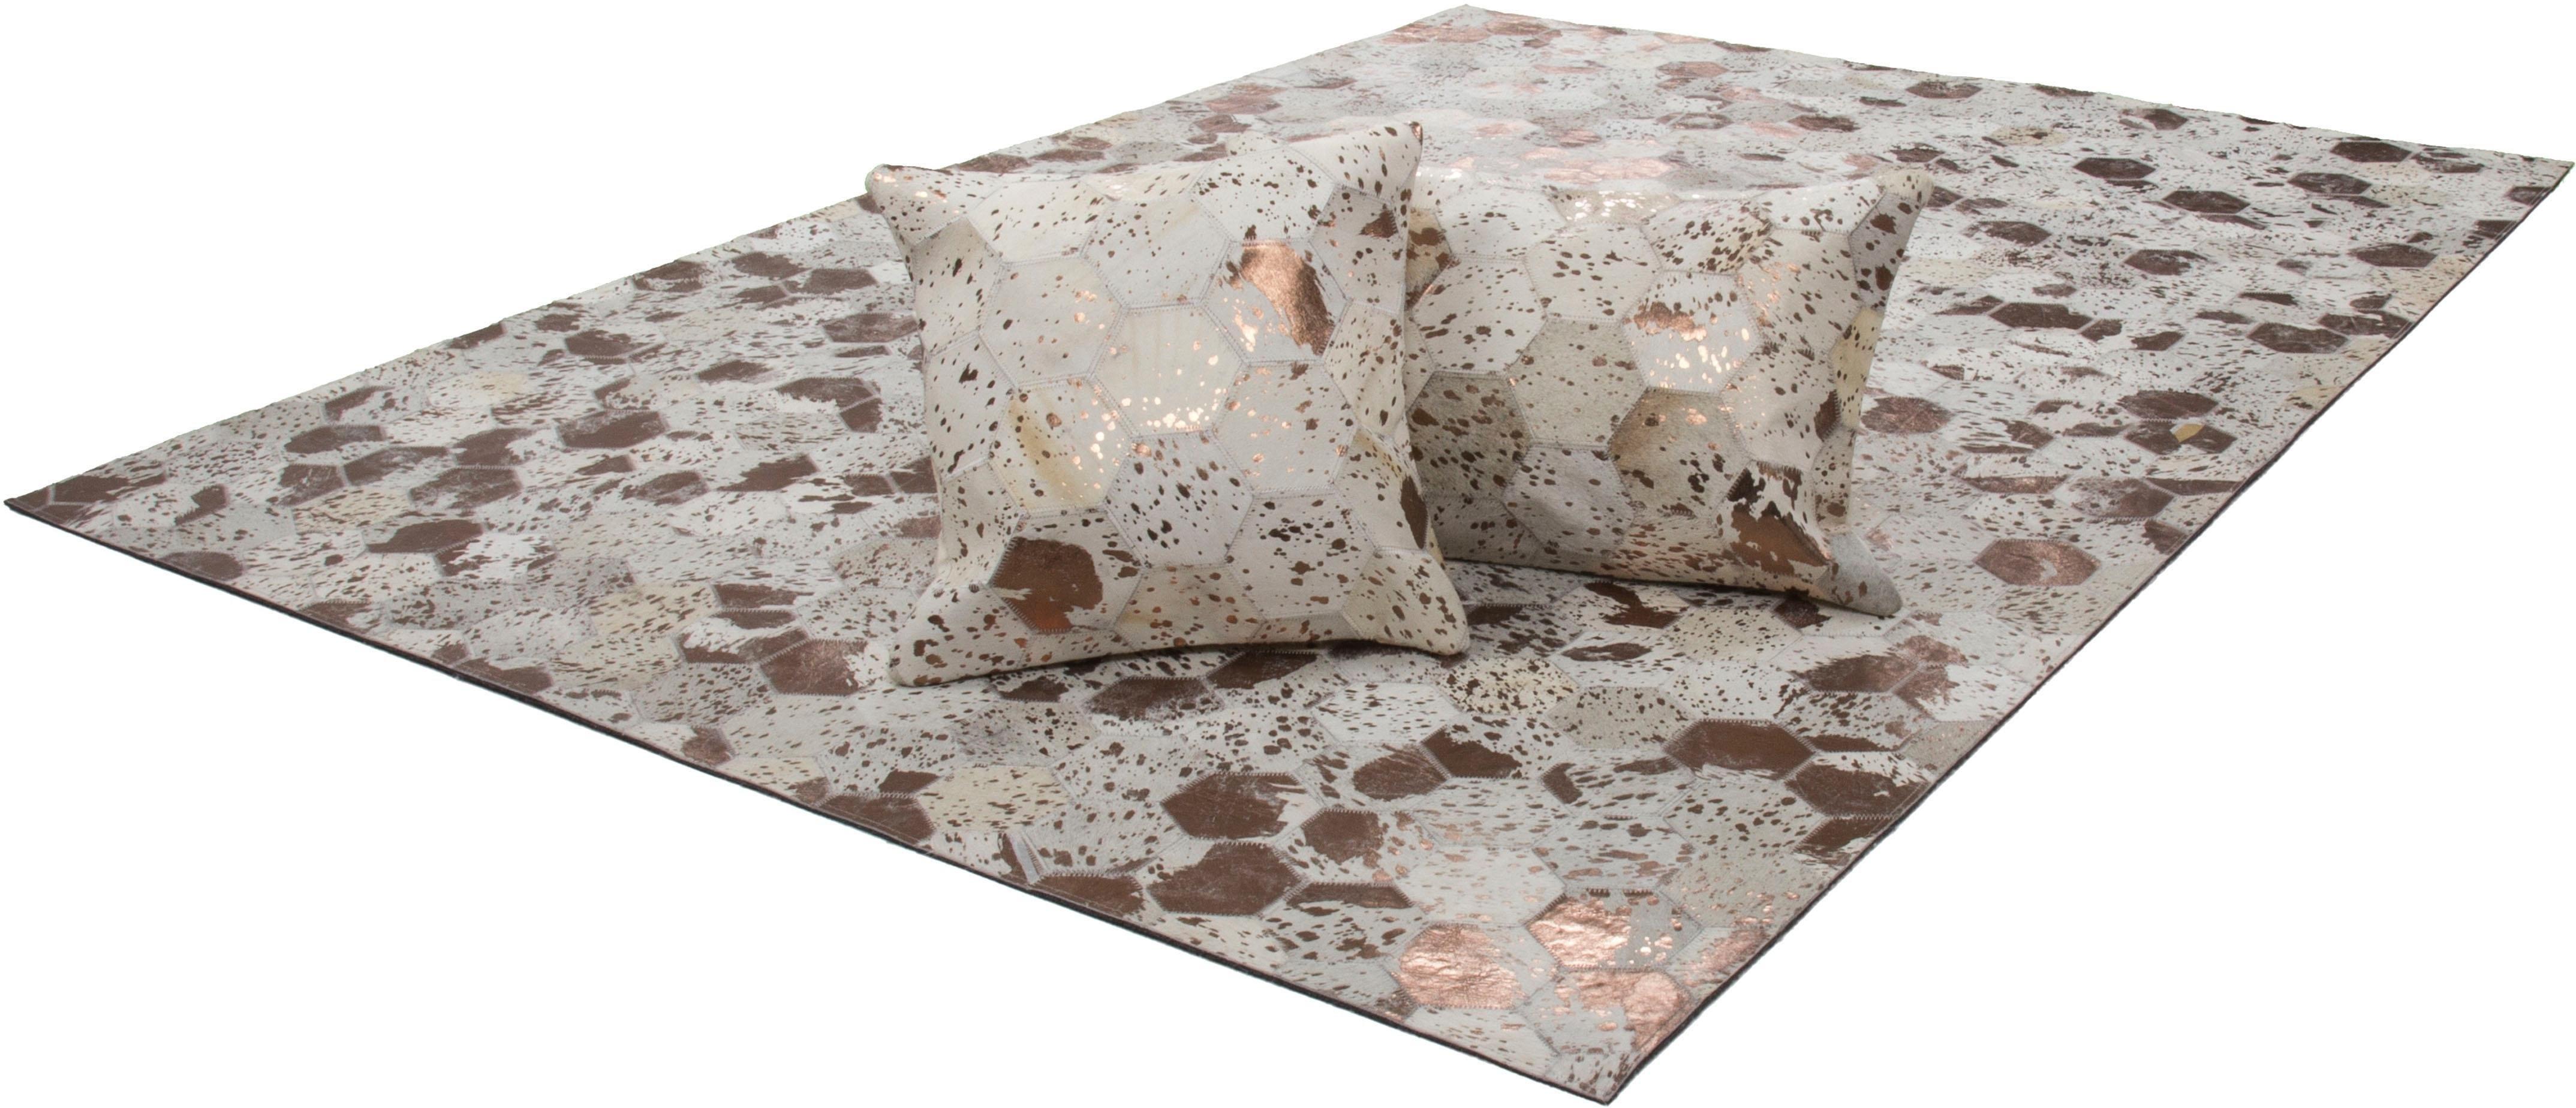 calo-deluxe Leren vloerkleed, »Scarllet 210«, rechthoekig, hoogte 8 mm, natuurproduct - verschillende betaalmethodes